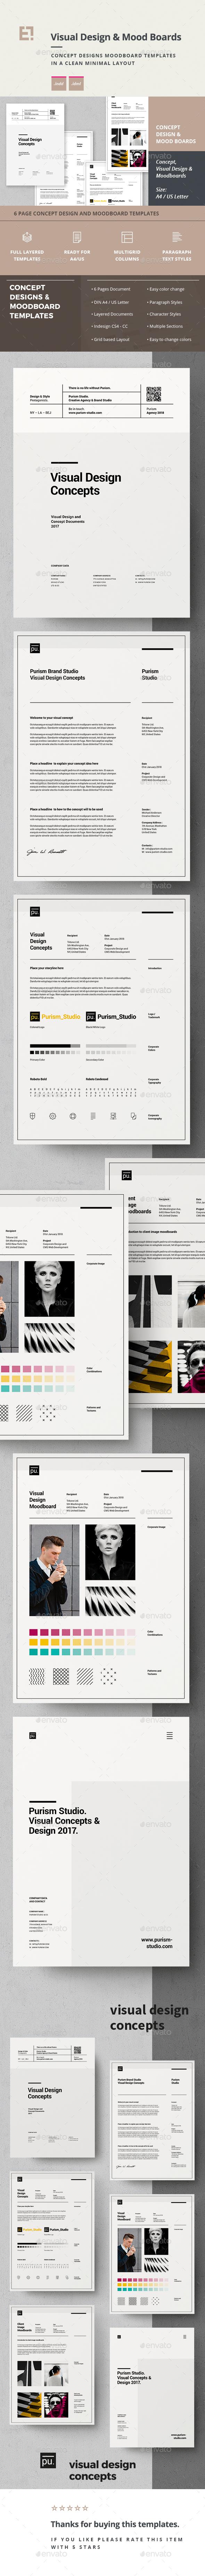 Concept Design Moodboard Templates - Portfolio Brochures